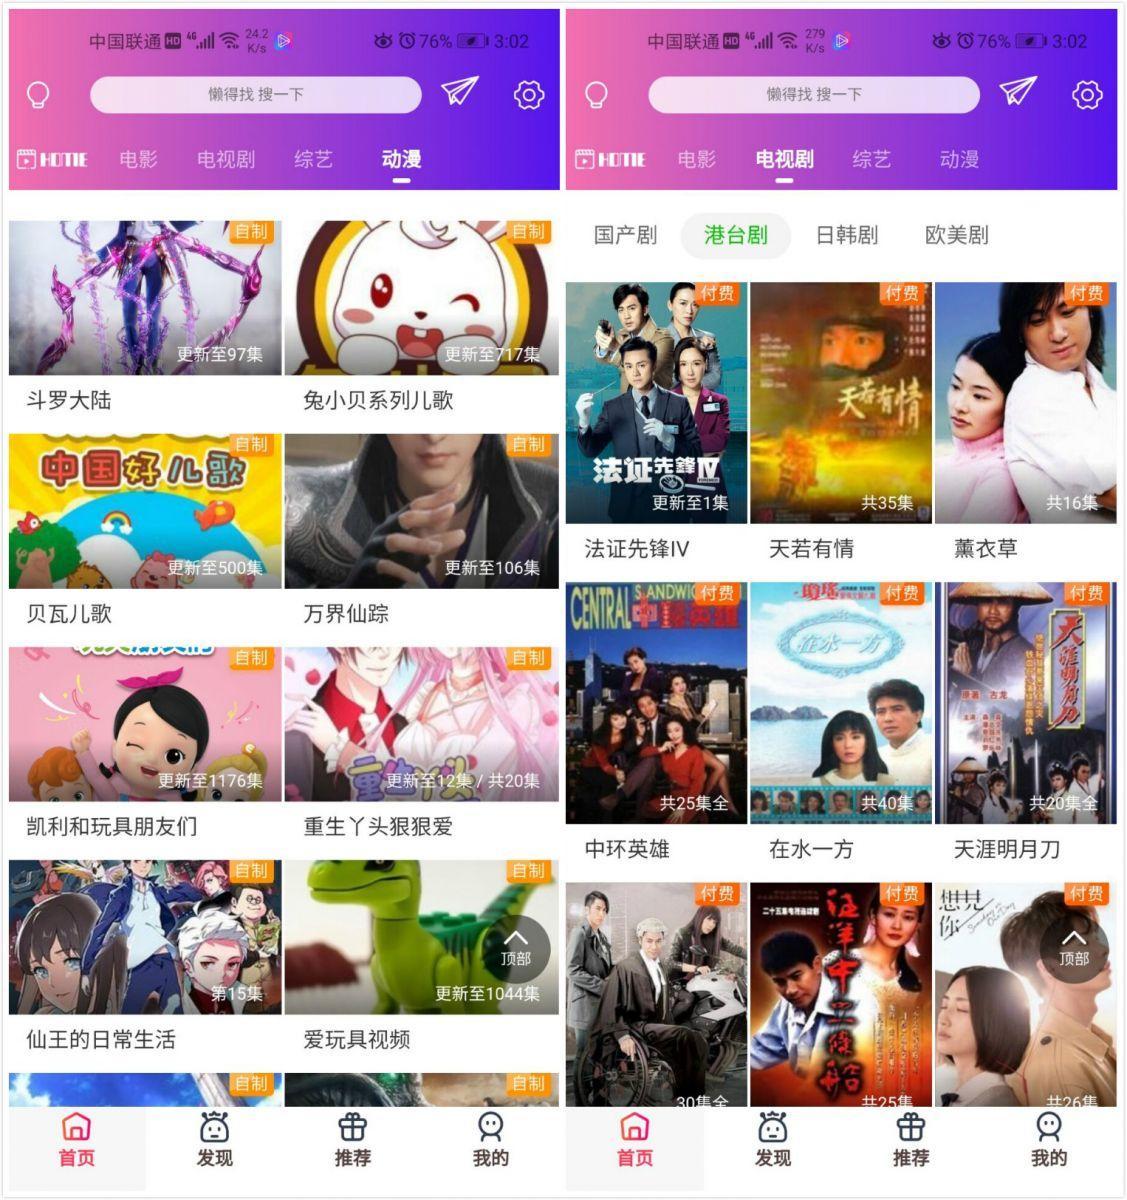 2020新版UI千月无错版畅视影院对接苹果CMS